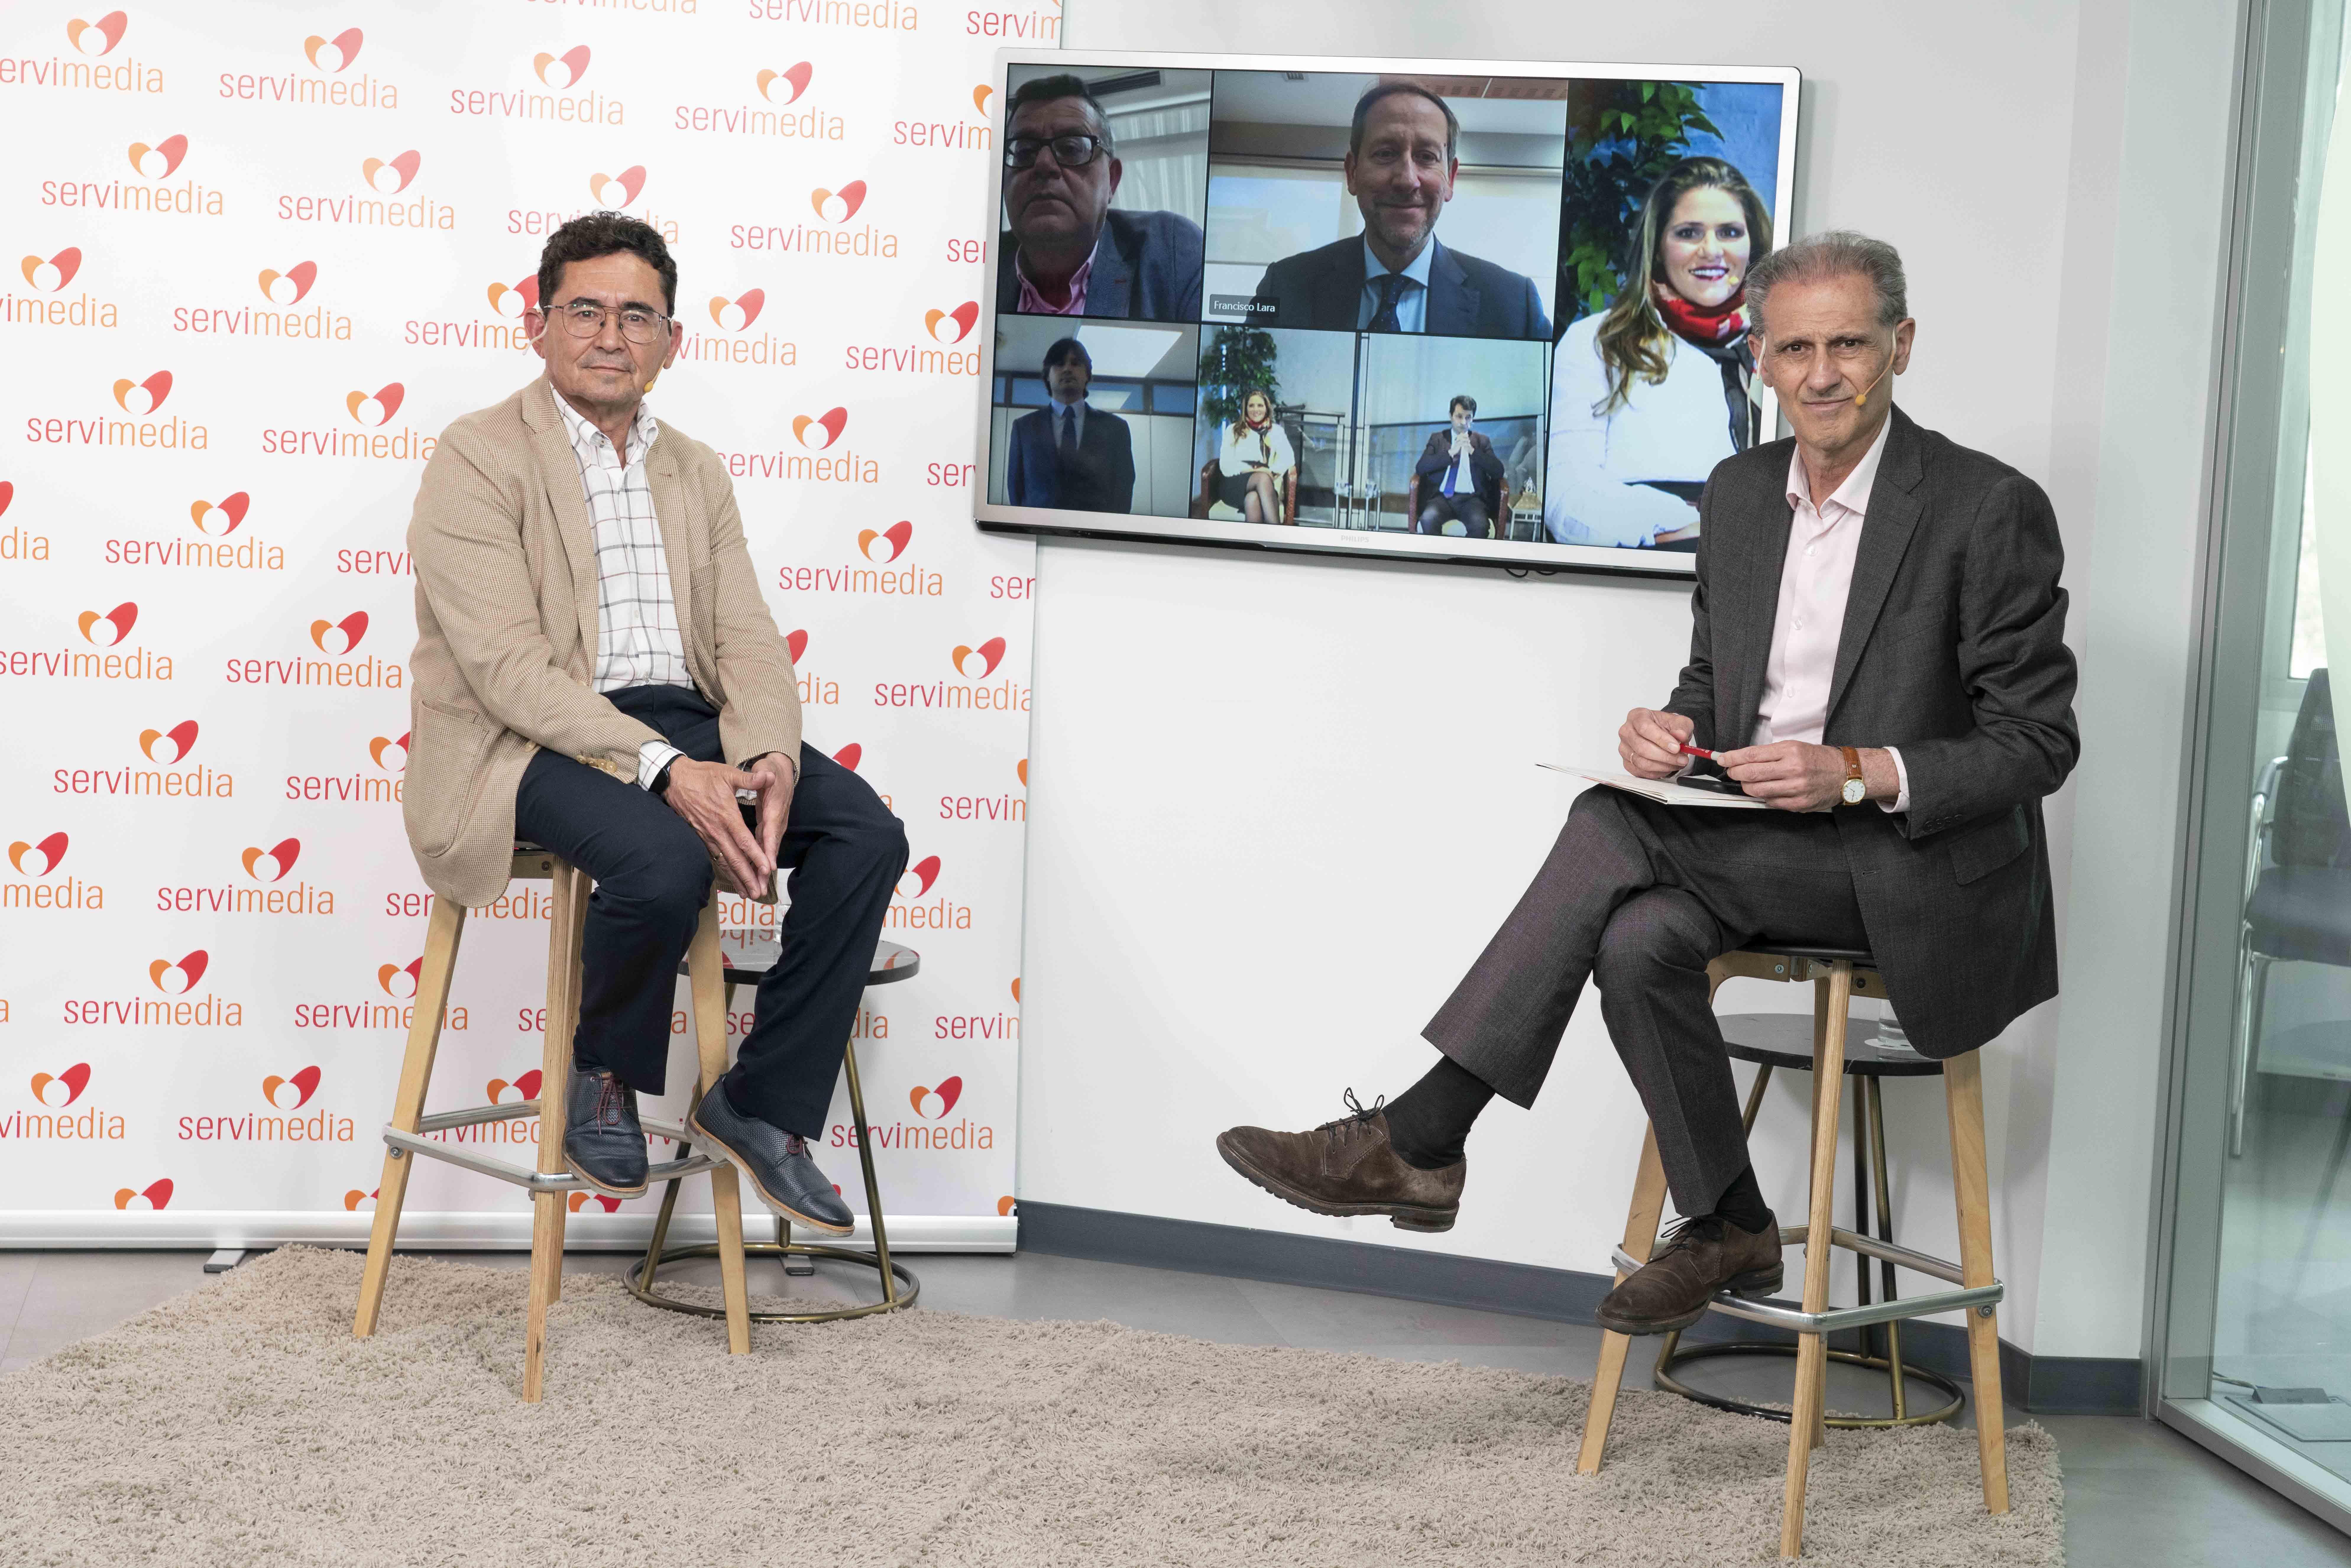 Imagen evento lanzamiento del Sello Bequal. Oradores en pantalla.